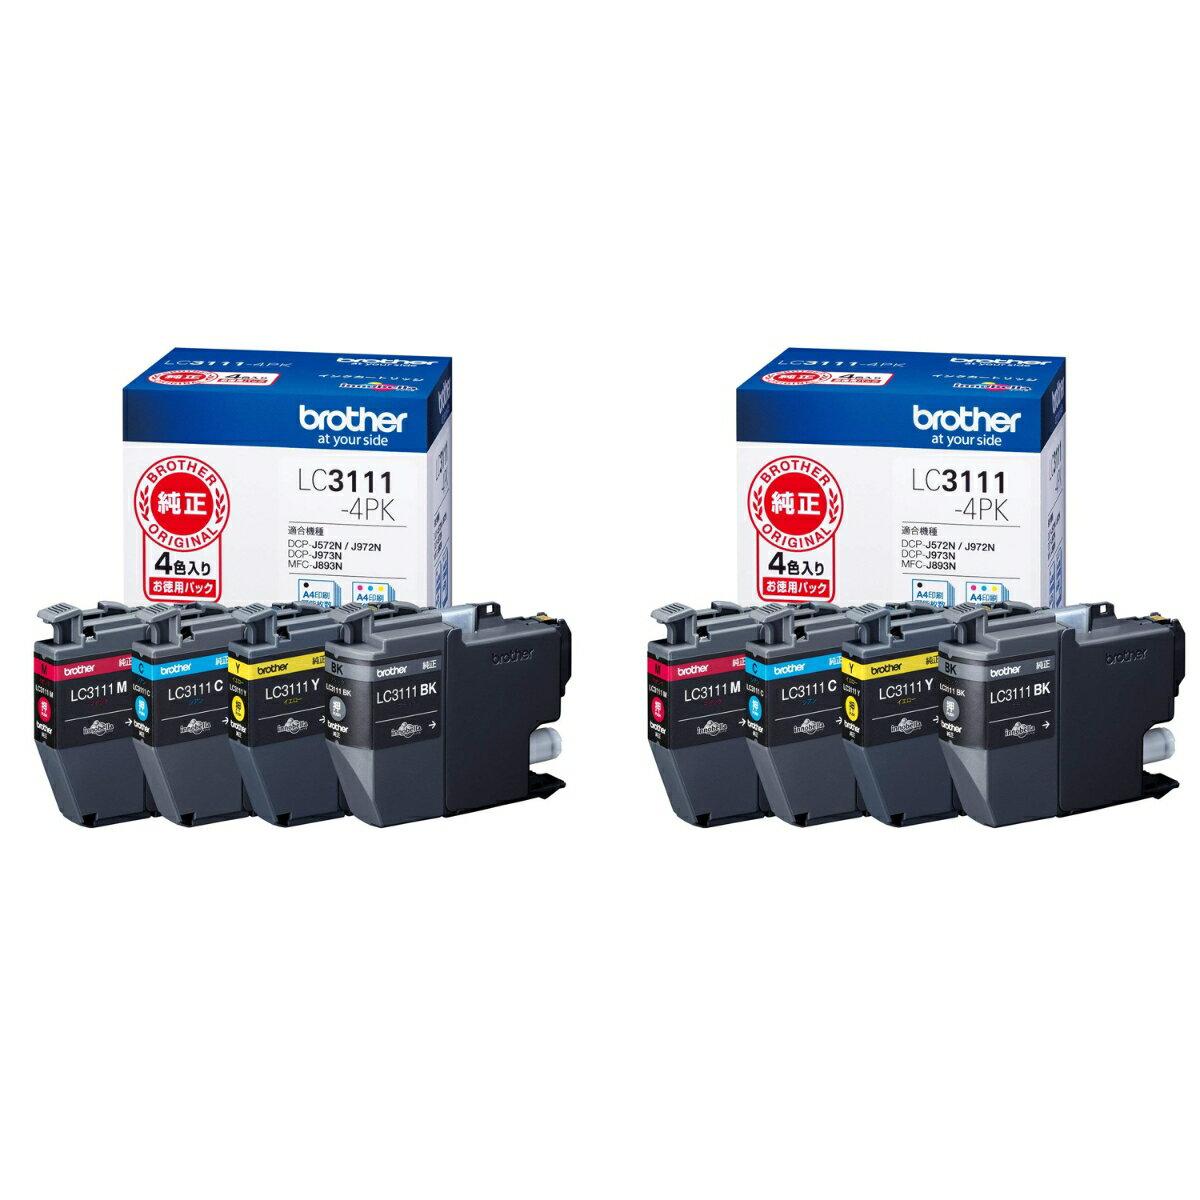 【2箱セット】ブラザー インクカートリッジ 4色パック LC3111-4PK